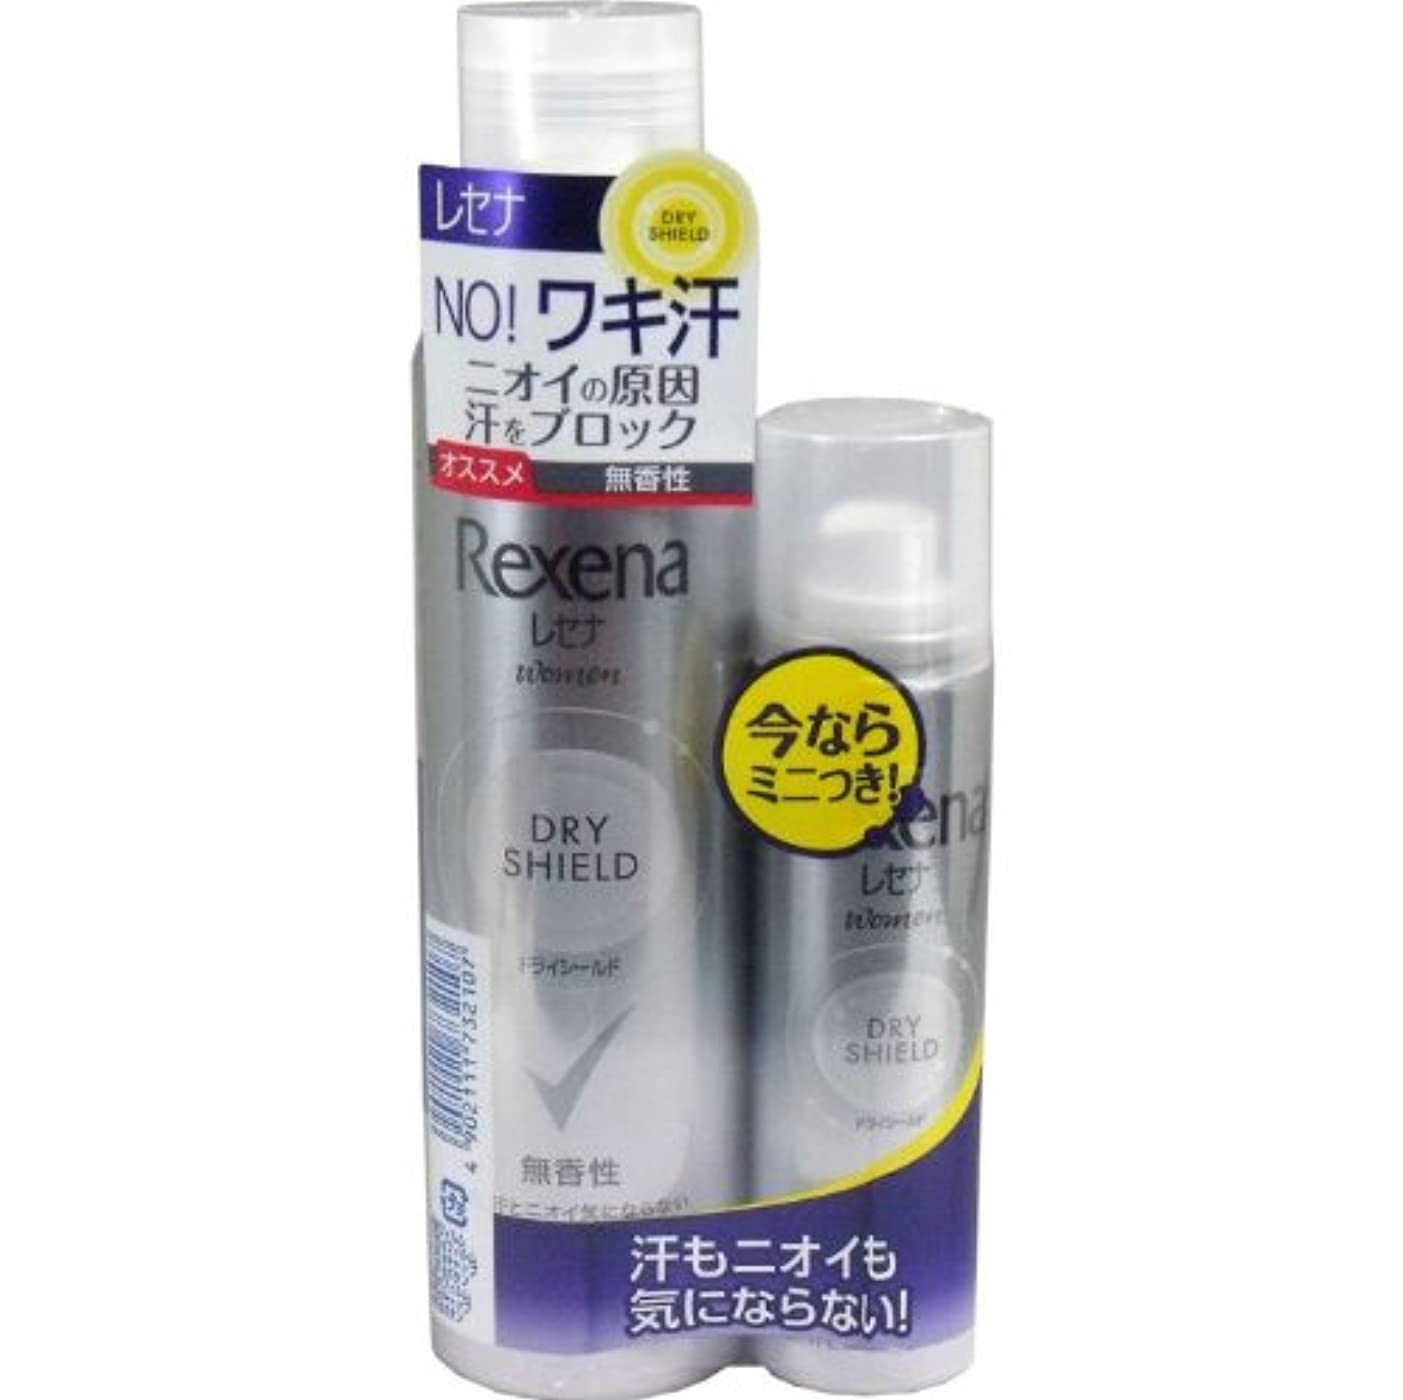 クライマックスバンドルコンパスレセナ ドライシールドパウダースプレー 無香性 135g+(おまけ45g付き) 【4個セット】